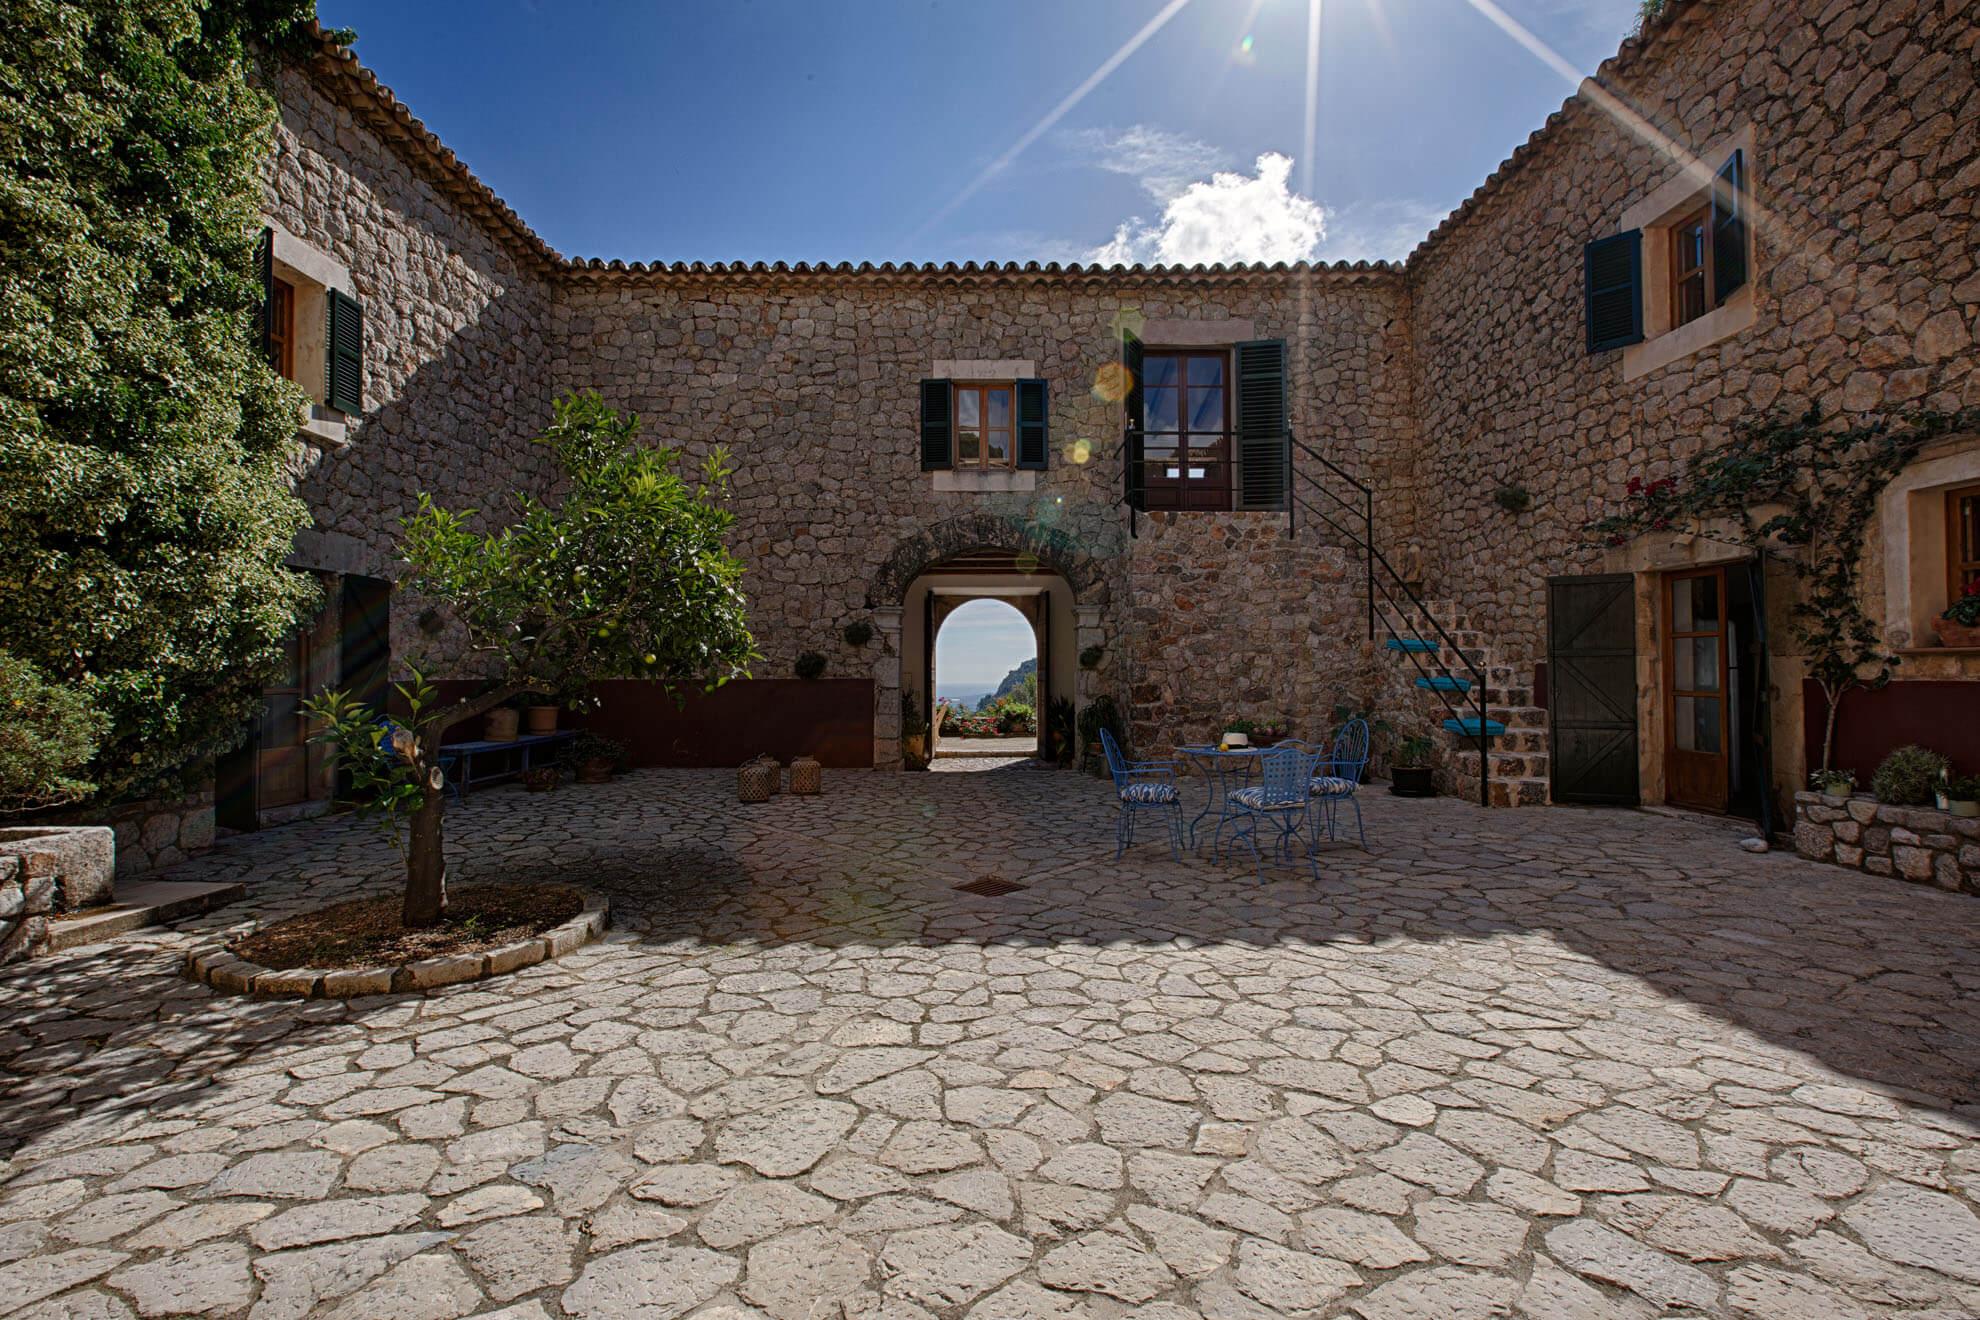 der schattige patio ein perfekter platz f r ein k hles welcome an hei en sommertagen heiraten. Black Bedroom Furniture Sets. Home Design Ideas